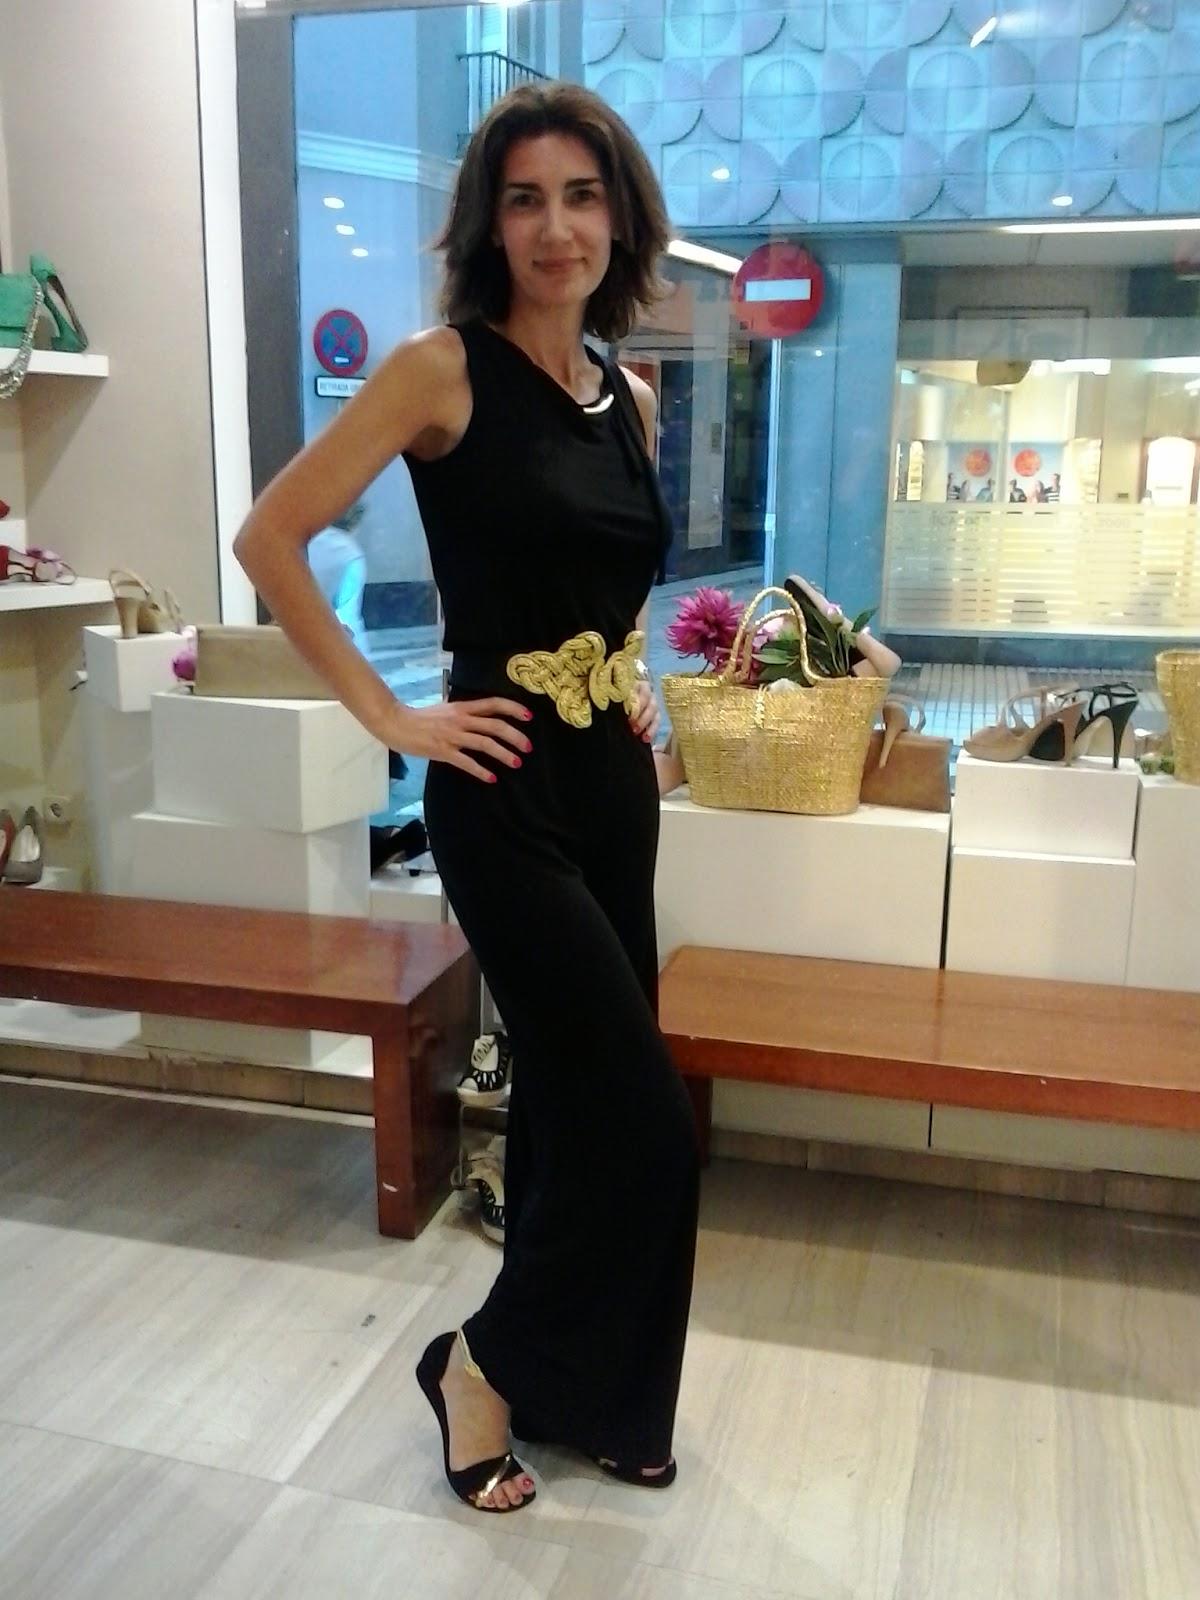 Zapatos negro y oro una acertada elecci n blog zapatos - Zapatos nuria cobo ...